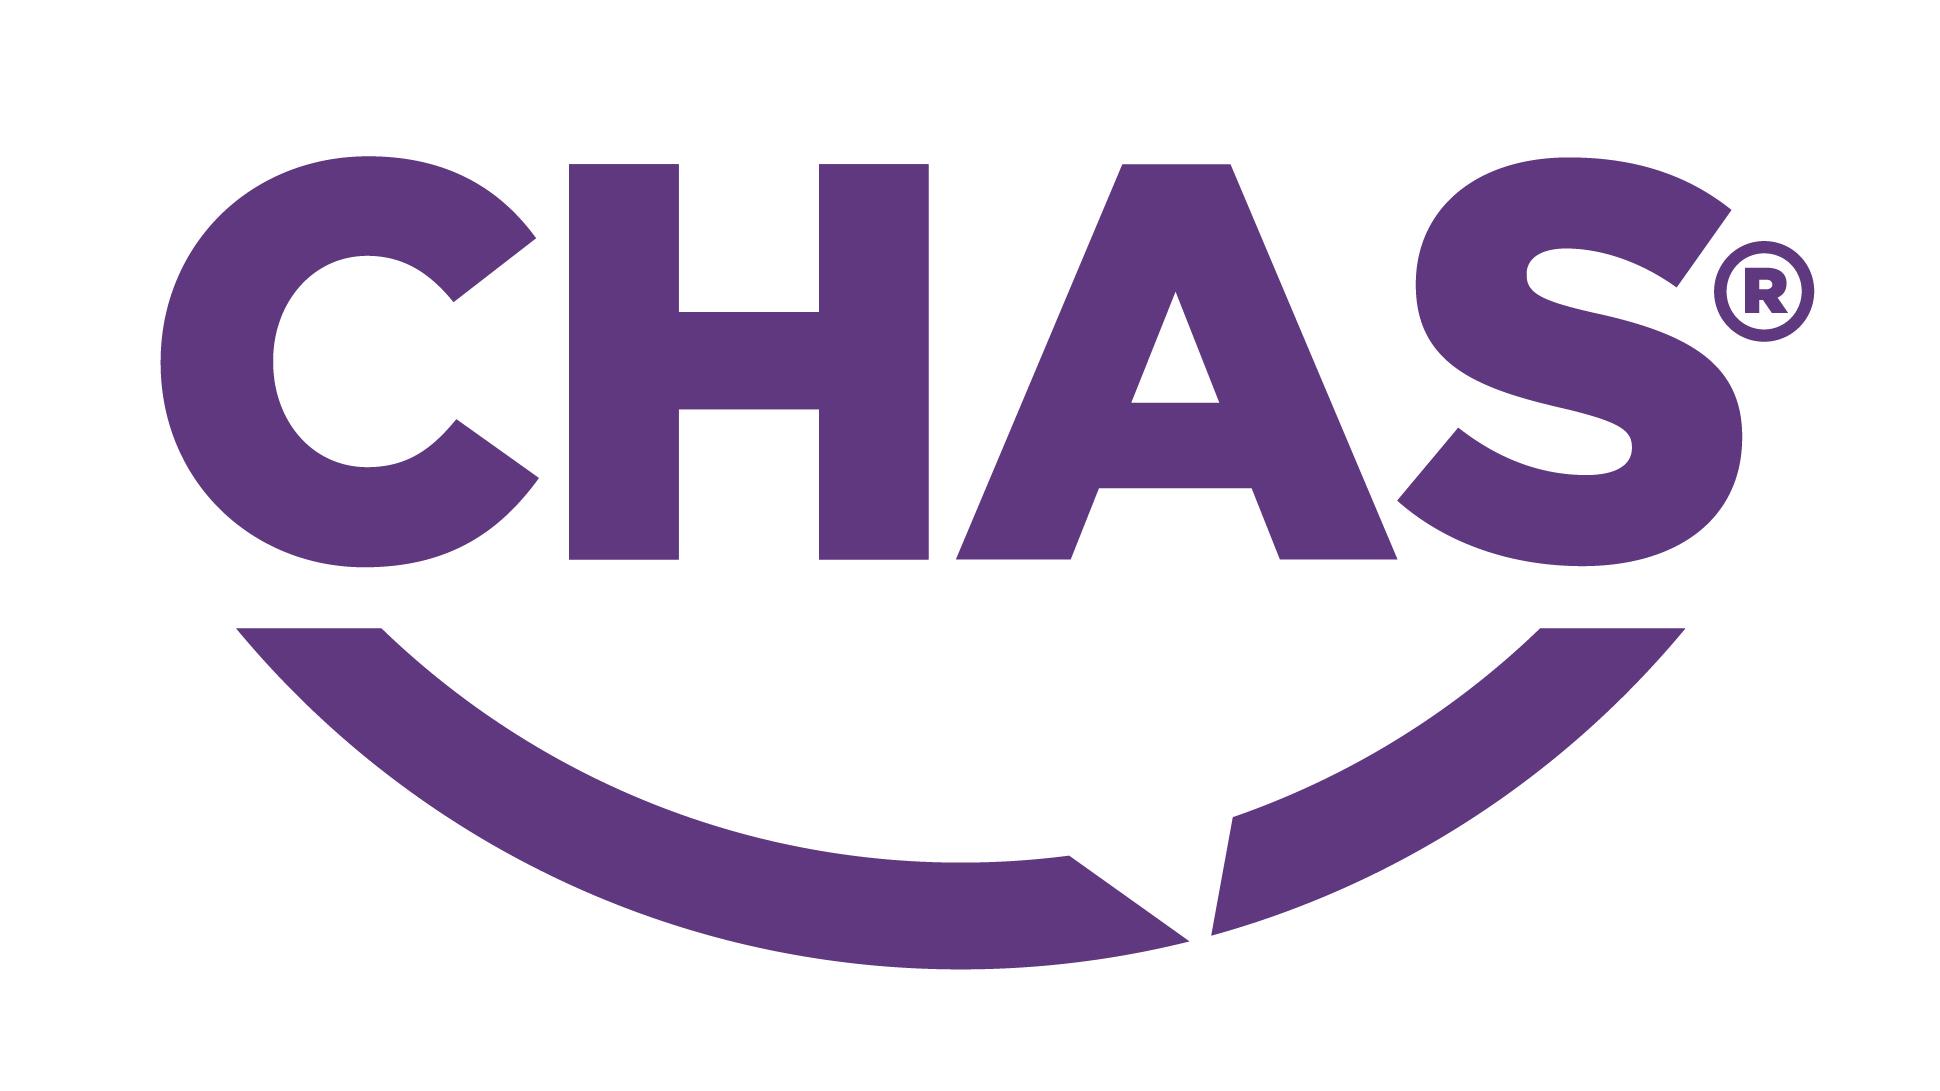 CHAS_RGB_Purple.jpg